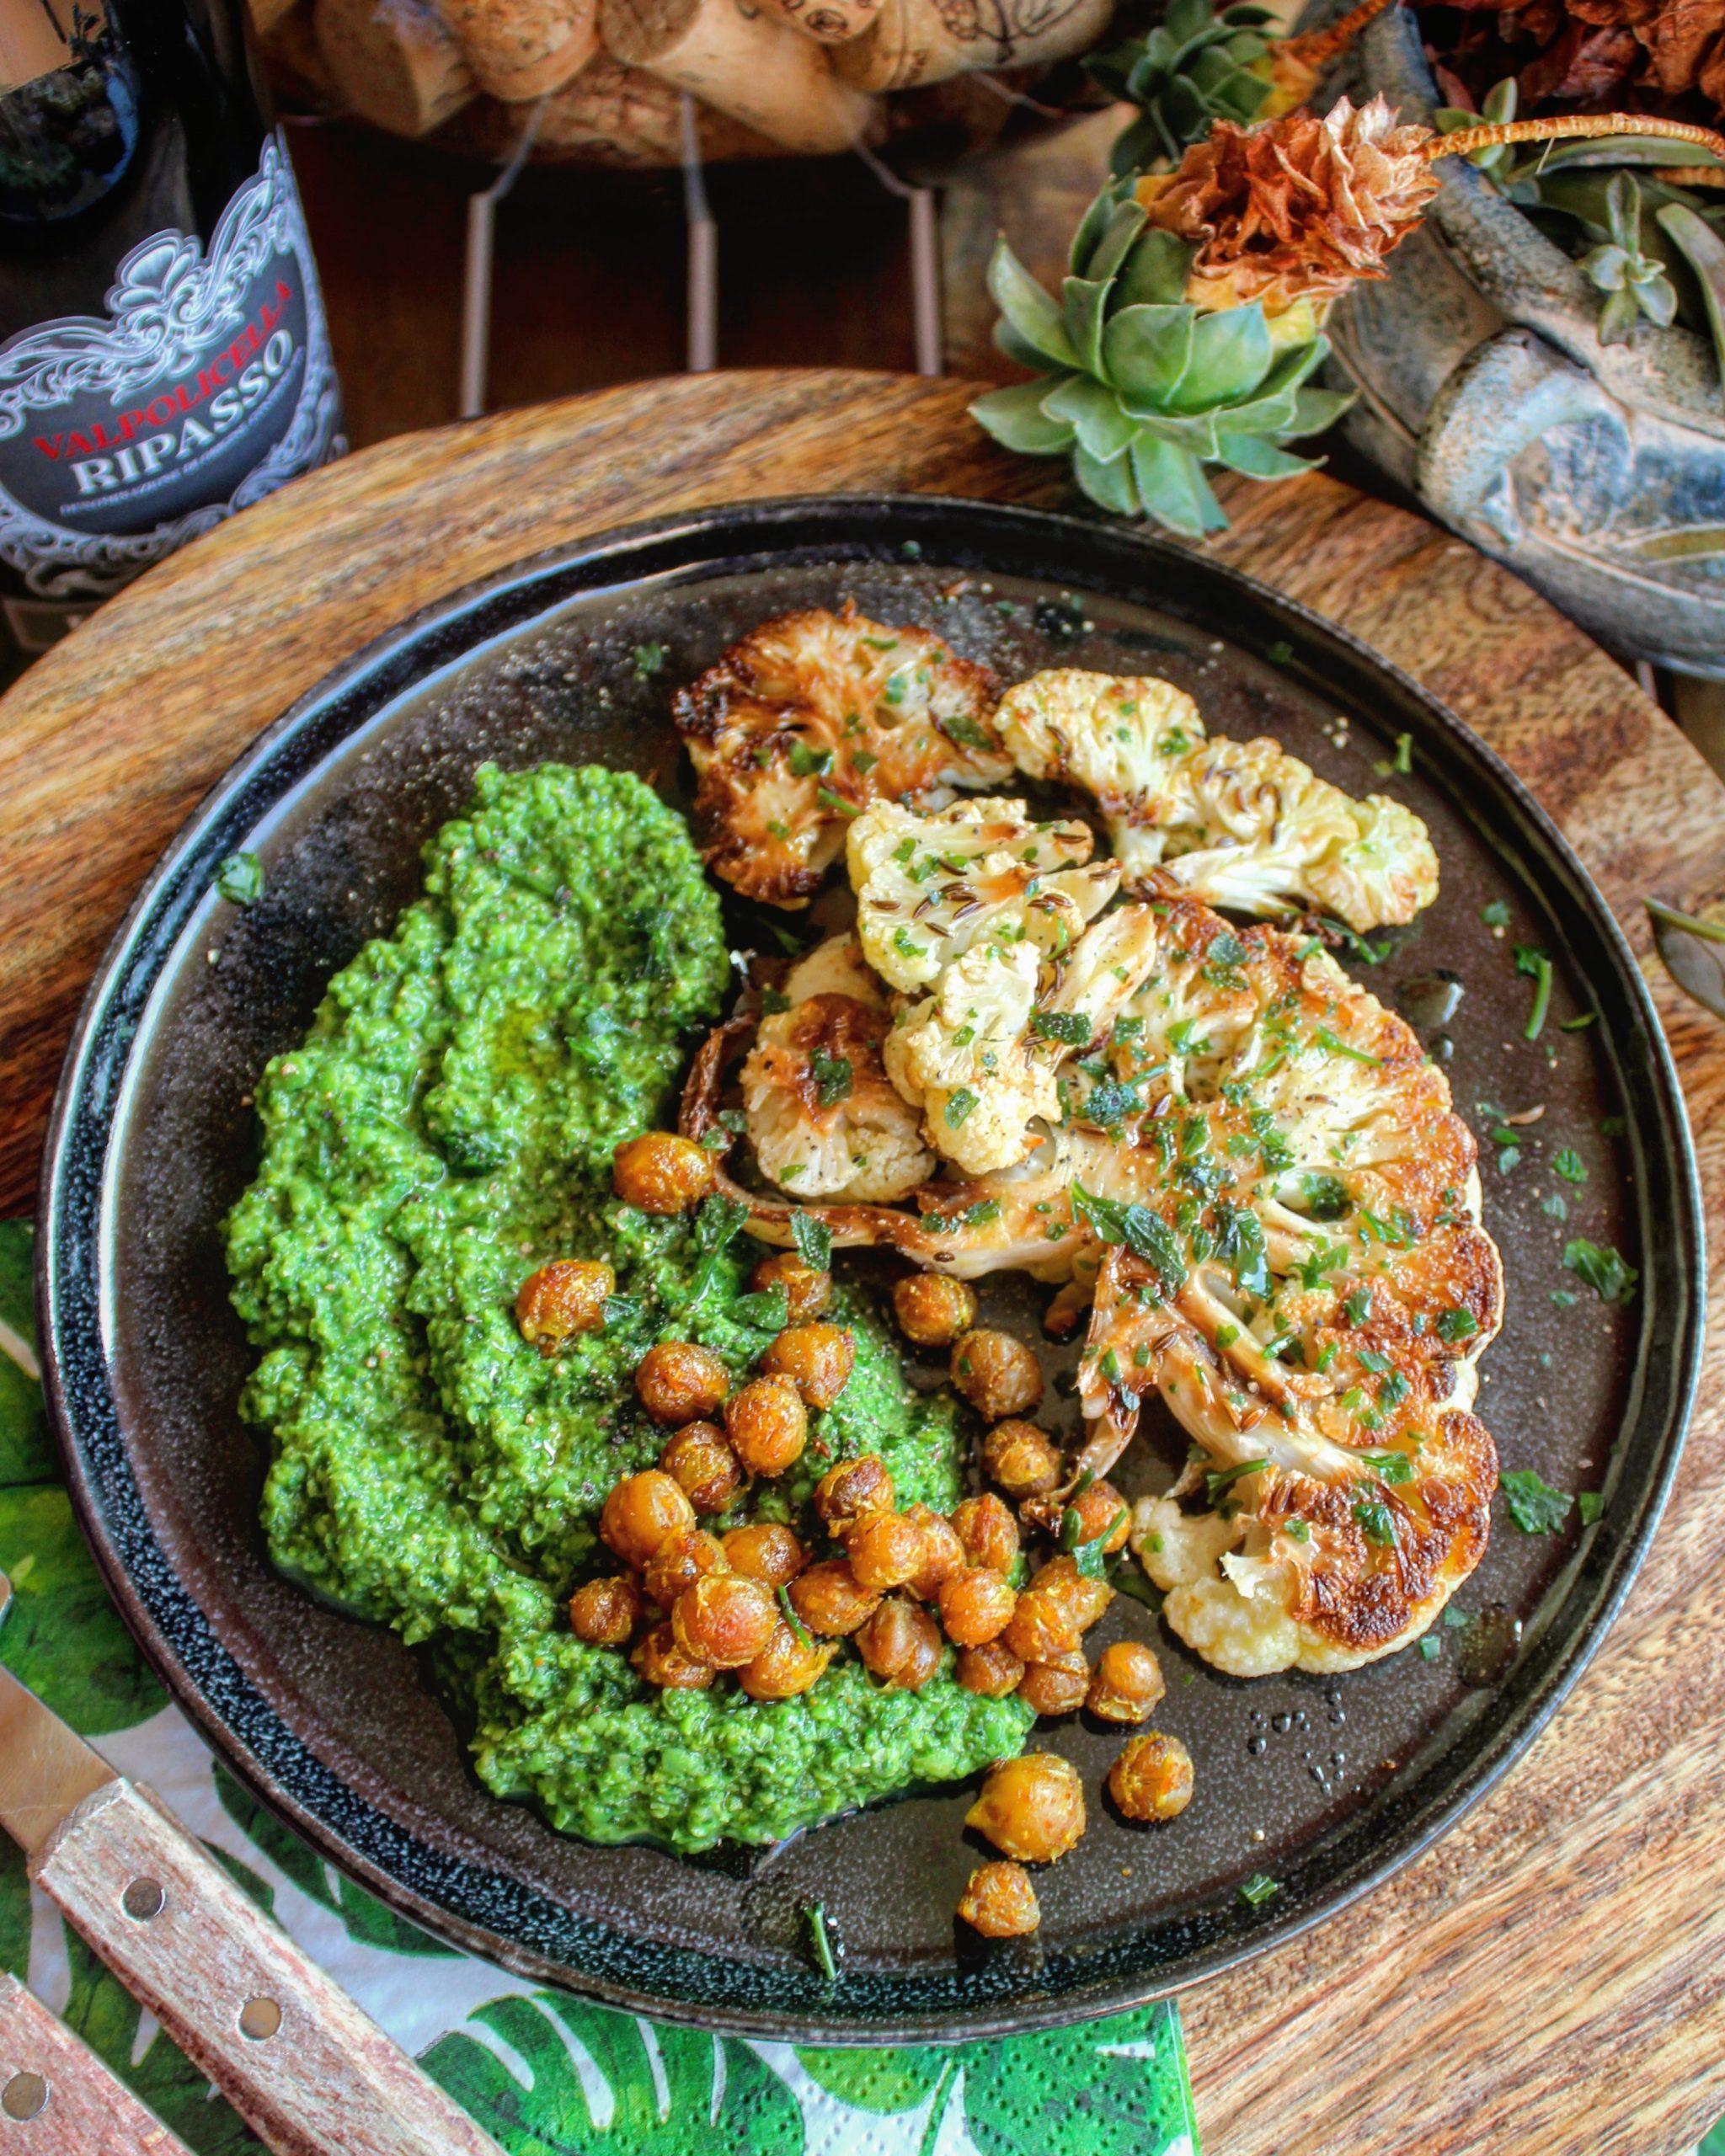 Cavolfiore arrosto con ceci croccanti e hummus di piselli e spinaci